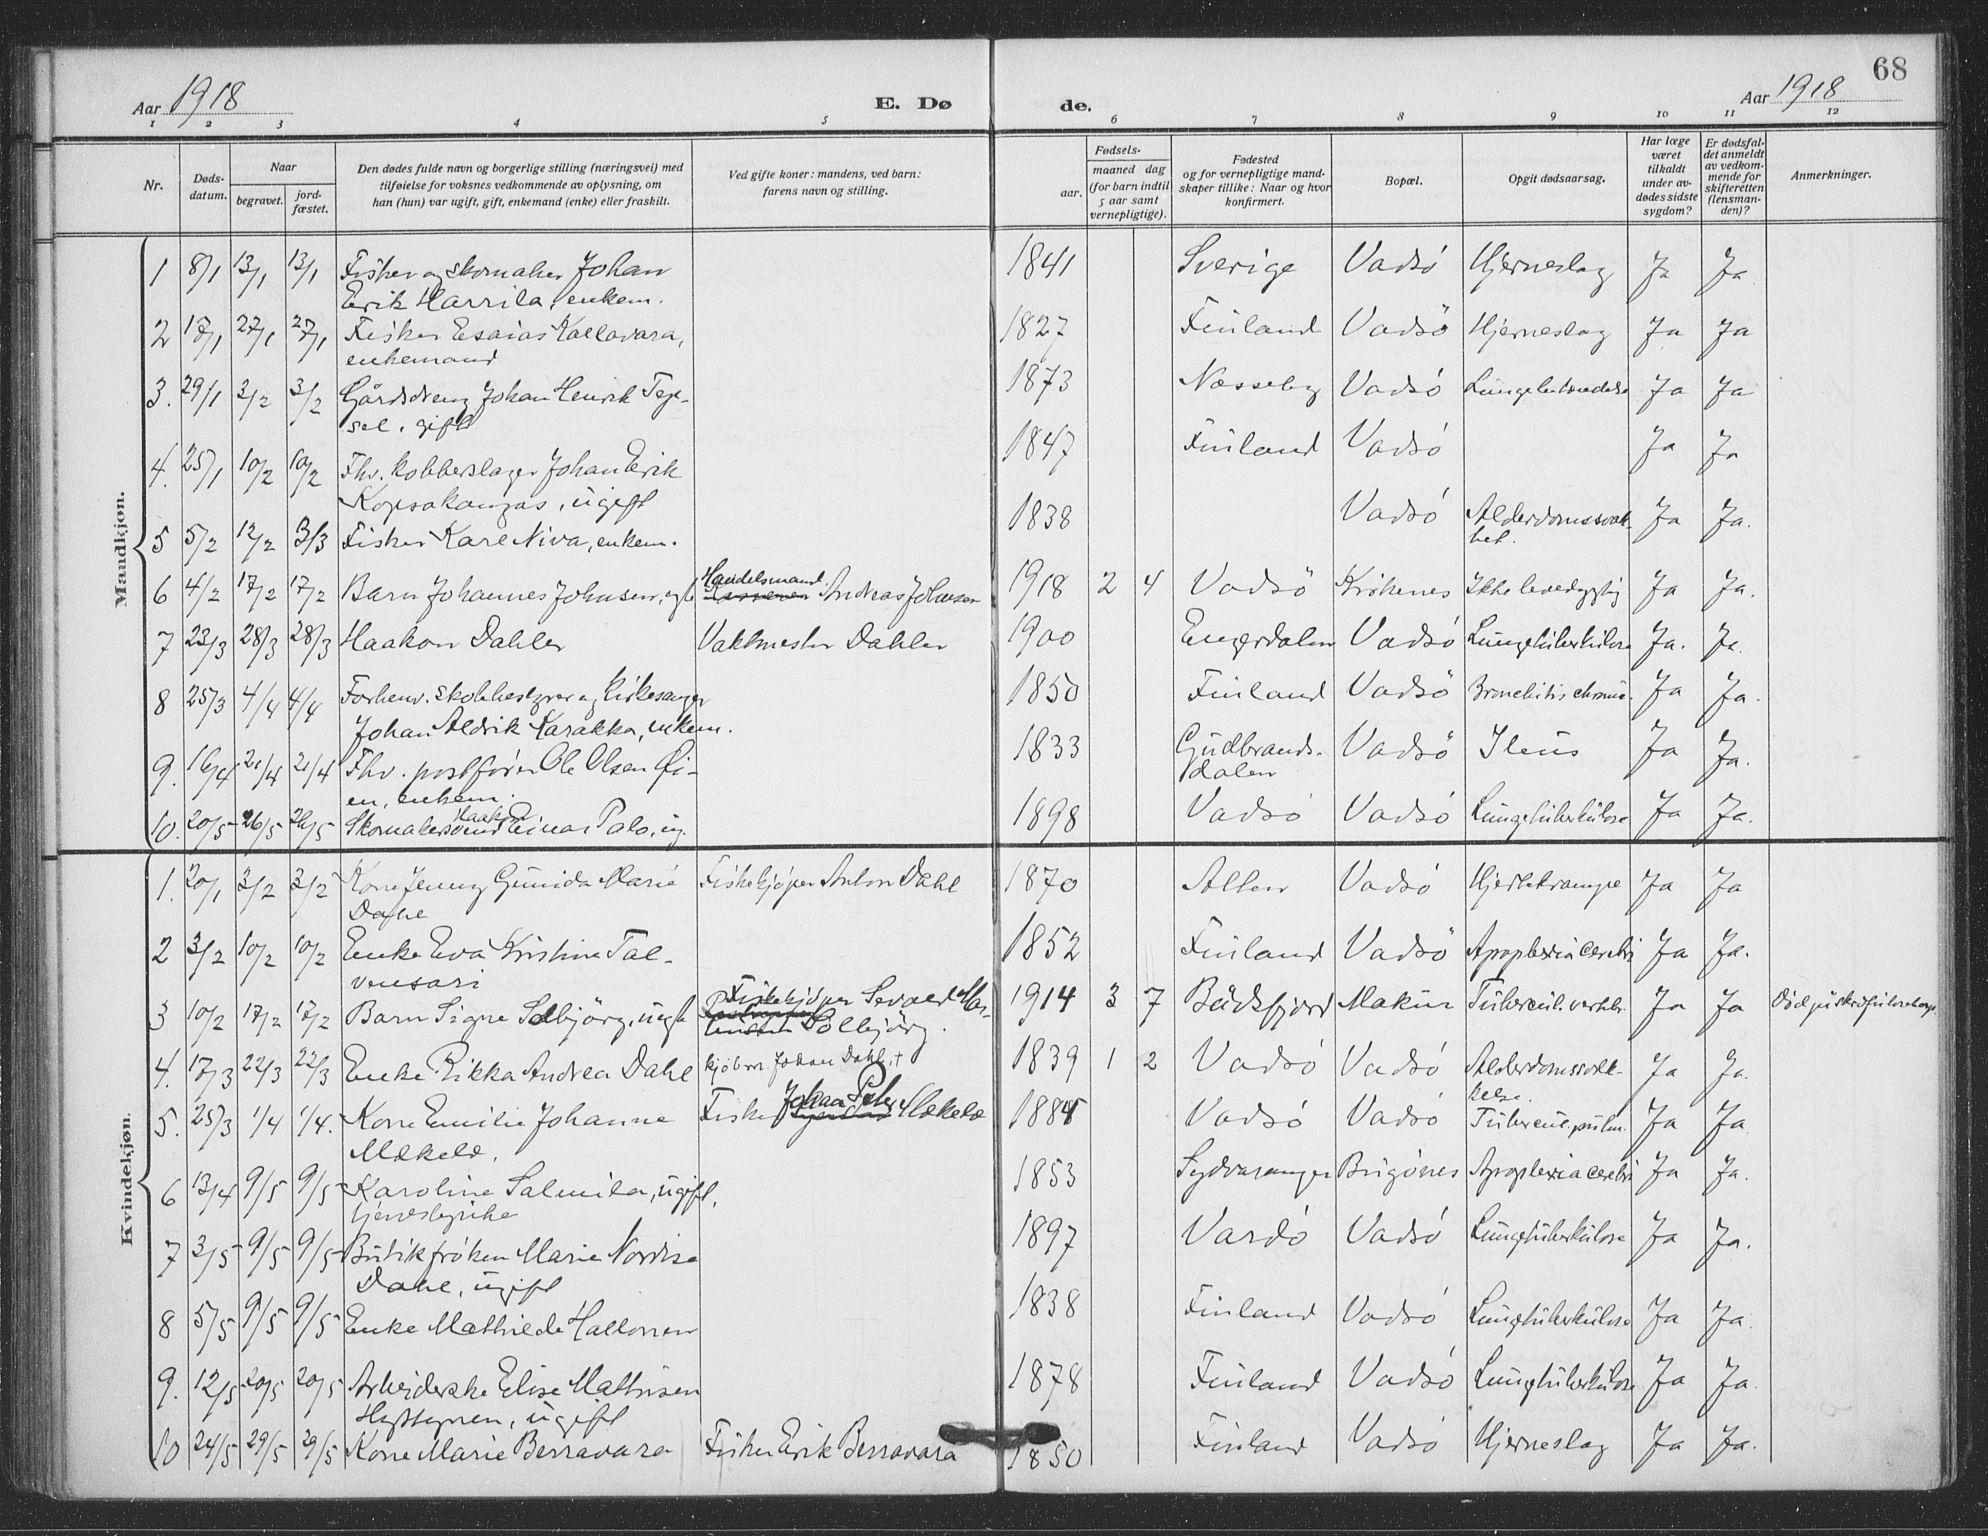 SATØ, Vadsø sokneprestkontor, H/Ha/L0008kirke: Ministerialbok nr. 8, 1912-1930, s. 68